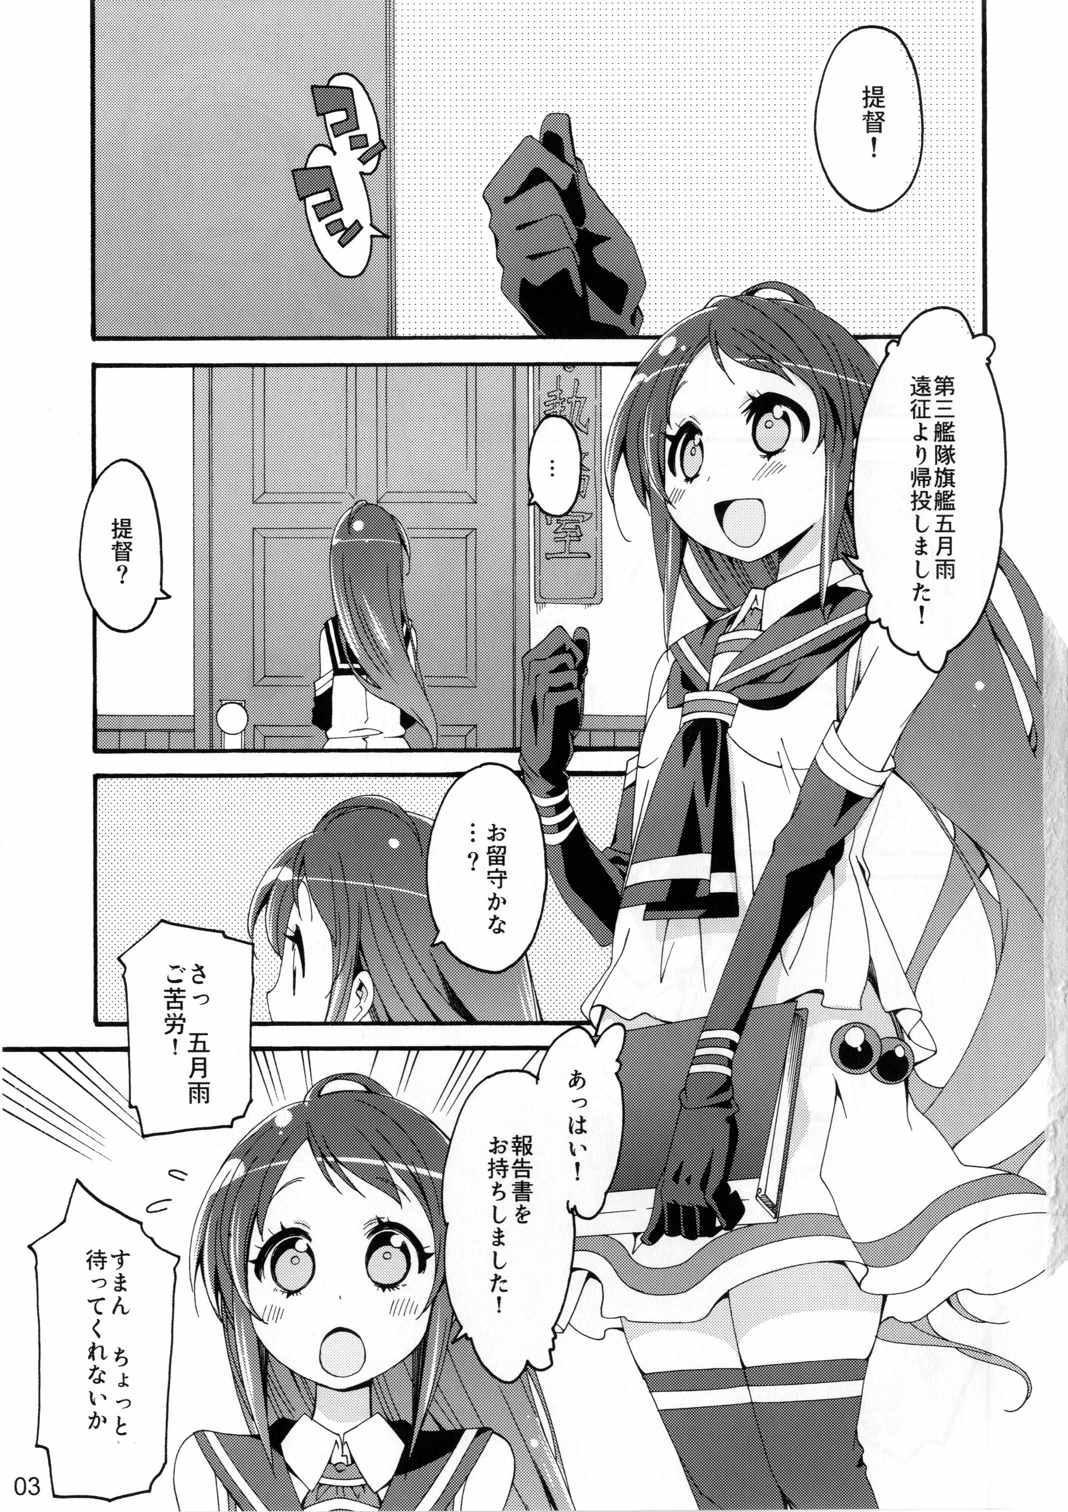 Shiranui wa Teitoku ni... 1